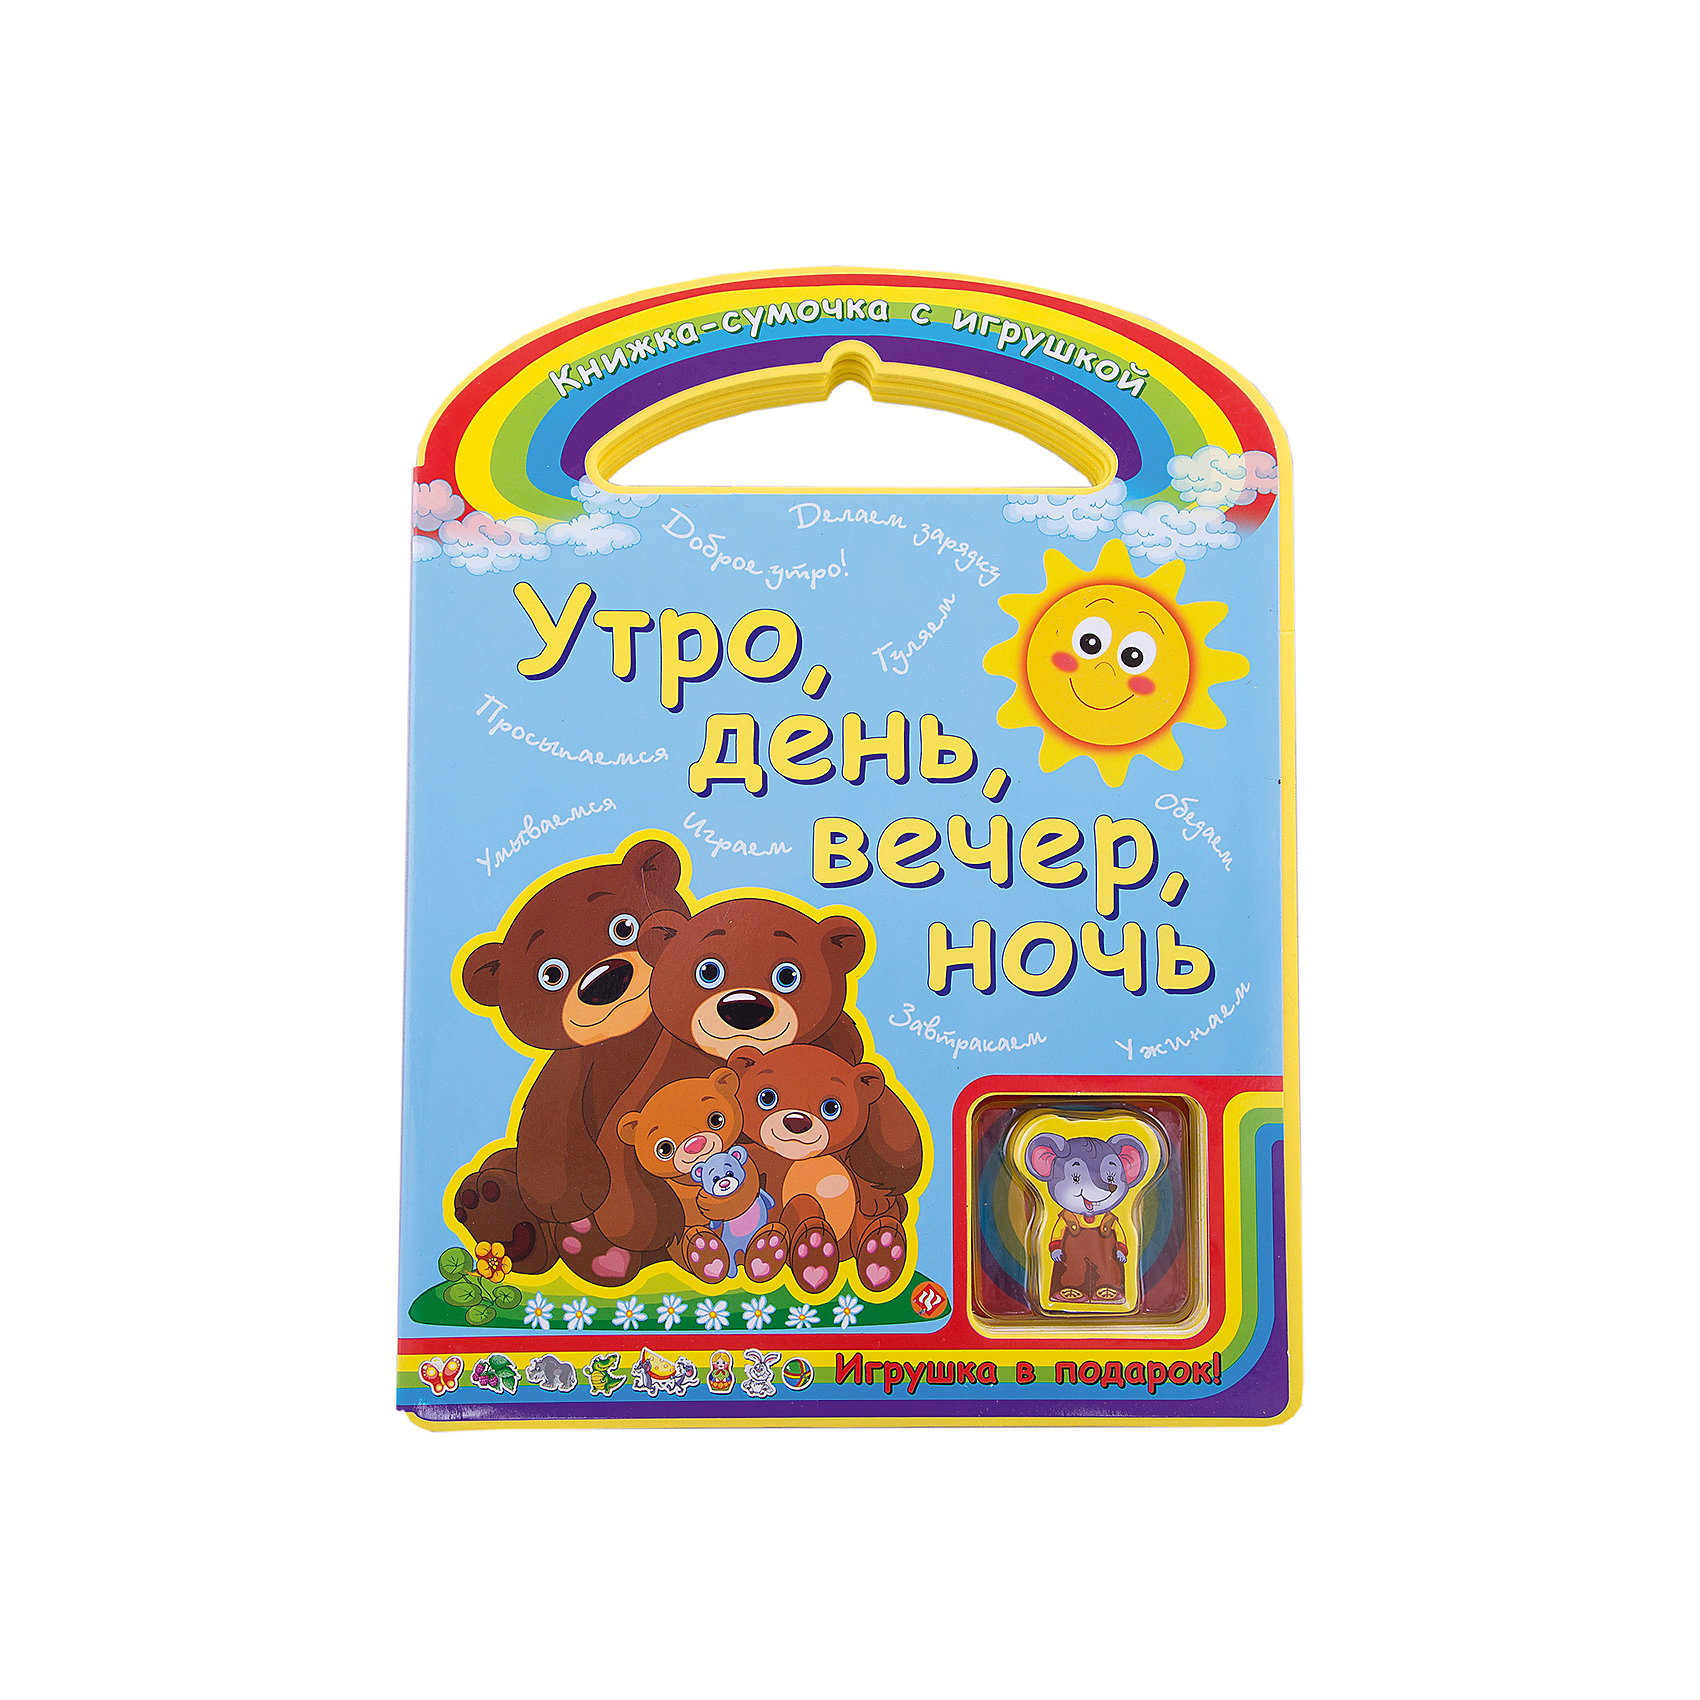 Утро, день, вечер, ночьФеникс<br>Красочная книжка-игрушка Утро, день, вечер, ночь порадует Вашего малыша и познакомит его с временем суток и распорядком дня. Книжка выполнена в виде сумочки с ручкой, за которую ее удобно носить. На каждой страничке яркие веселые картинки и добрые тематические<br>стихи. Странички изготовлены из плотного ламинированного картона, ребенок не сможет порвать или повредить их. В комплект входит подарочная игрушка - фигурка симпатичного мышонка.<br><br><br>Дополнительная информация:<br><br>- Автор: С. А. Гордиенко.<br>- Серия: Книжка-сумочка с игрушкой.<br>- Обложка: картон.<br>- Иллюстрации: цветные.<br>- Объем: 10 стр. (ПВХ).<br>- Размер: 28,5 x 2,5 x 22 см.<br>- Вес: 0,332 кг.<br><br>Книгу Утро, день, вечер, ночь, Феникс-Премьер, можно купить в нашем интернет-магазине.<br><br>Ширина мм: 289<br>Глубина мм: 222<br>Высота мм: 27<br>Вес г: 2680<br>Возраст от месяцев: 24<br>Возраст до месяцев: 72<br>Пол: Унисекс<br>Возраст: Детский<br>SKU: 4771419